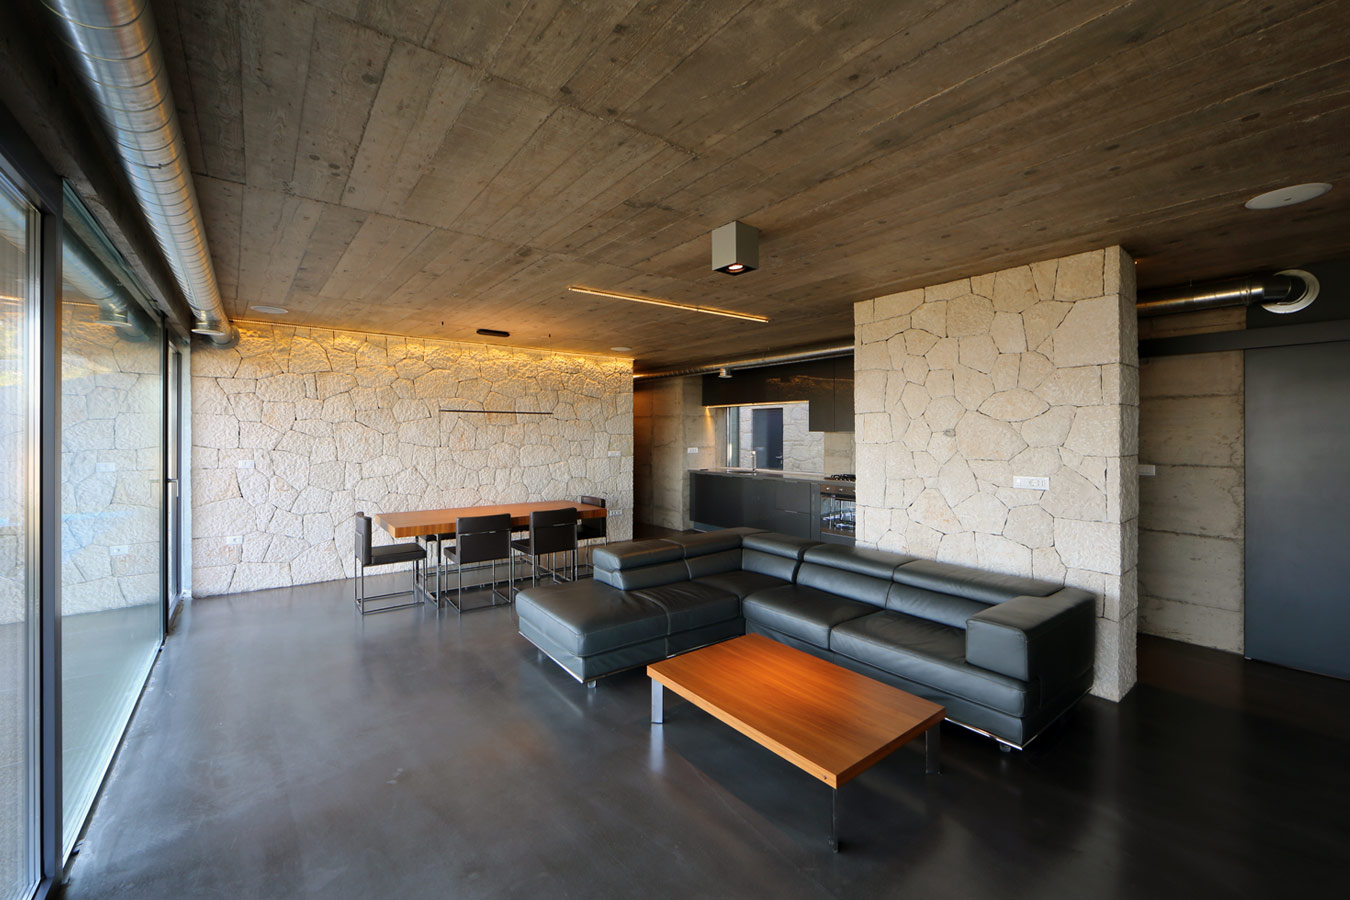 Ideen voor een moderne woonkamer  Inspiratie